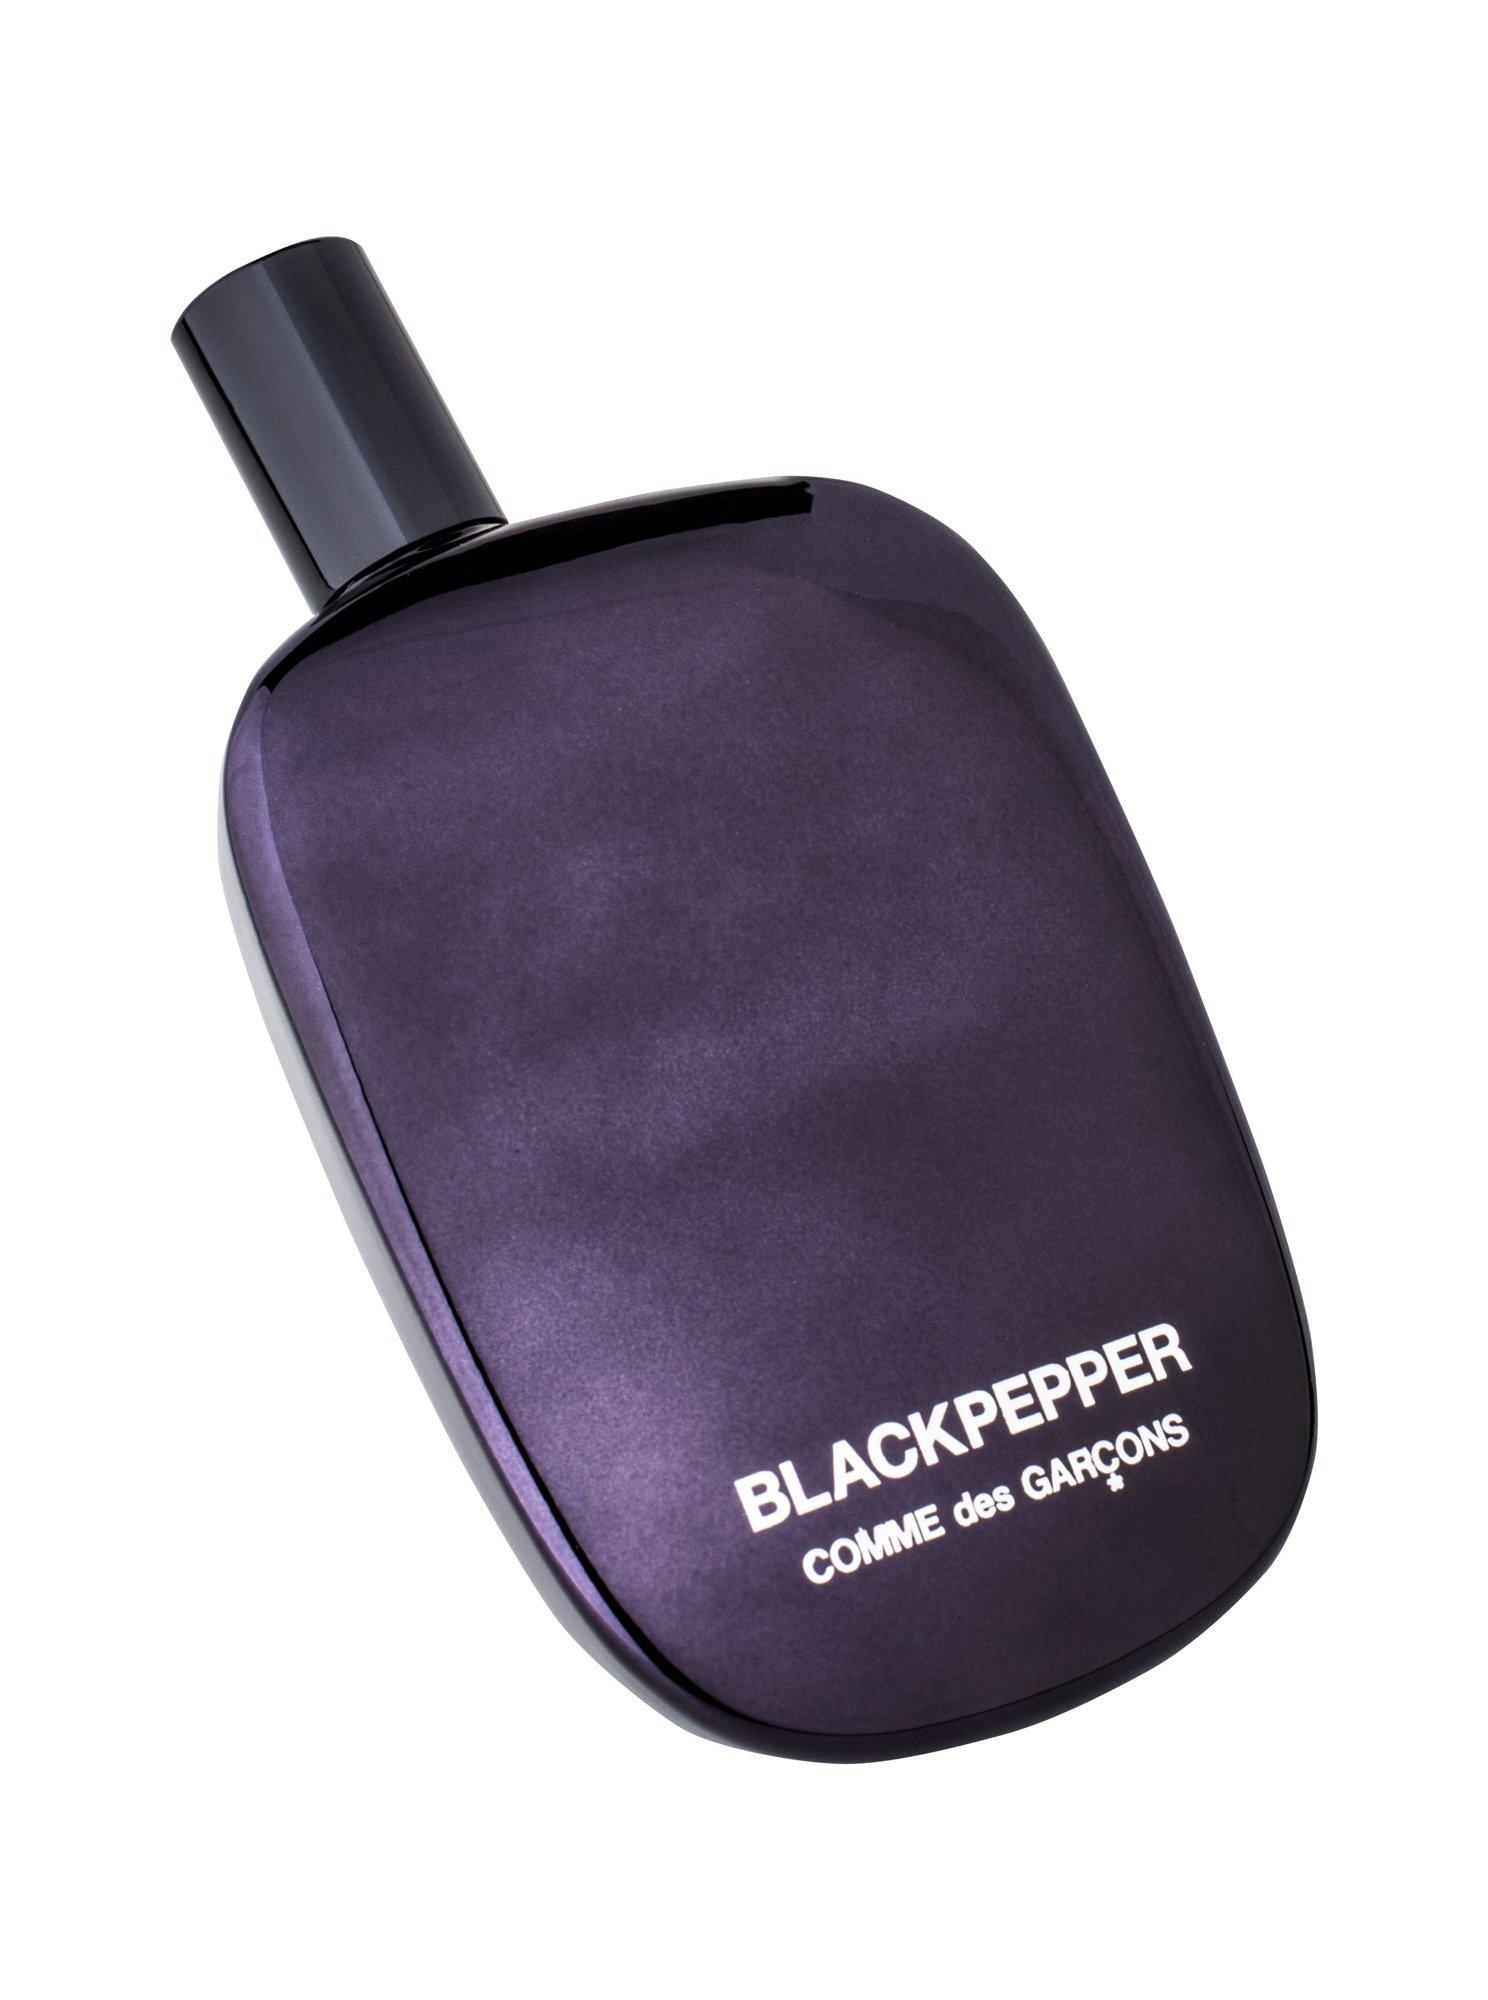 COMME des GARCONS Blackpepper Eau de Parfum 100ml